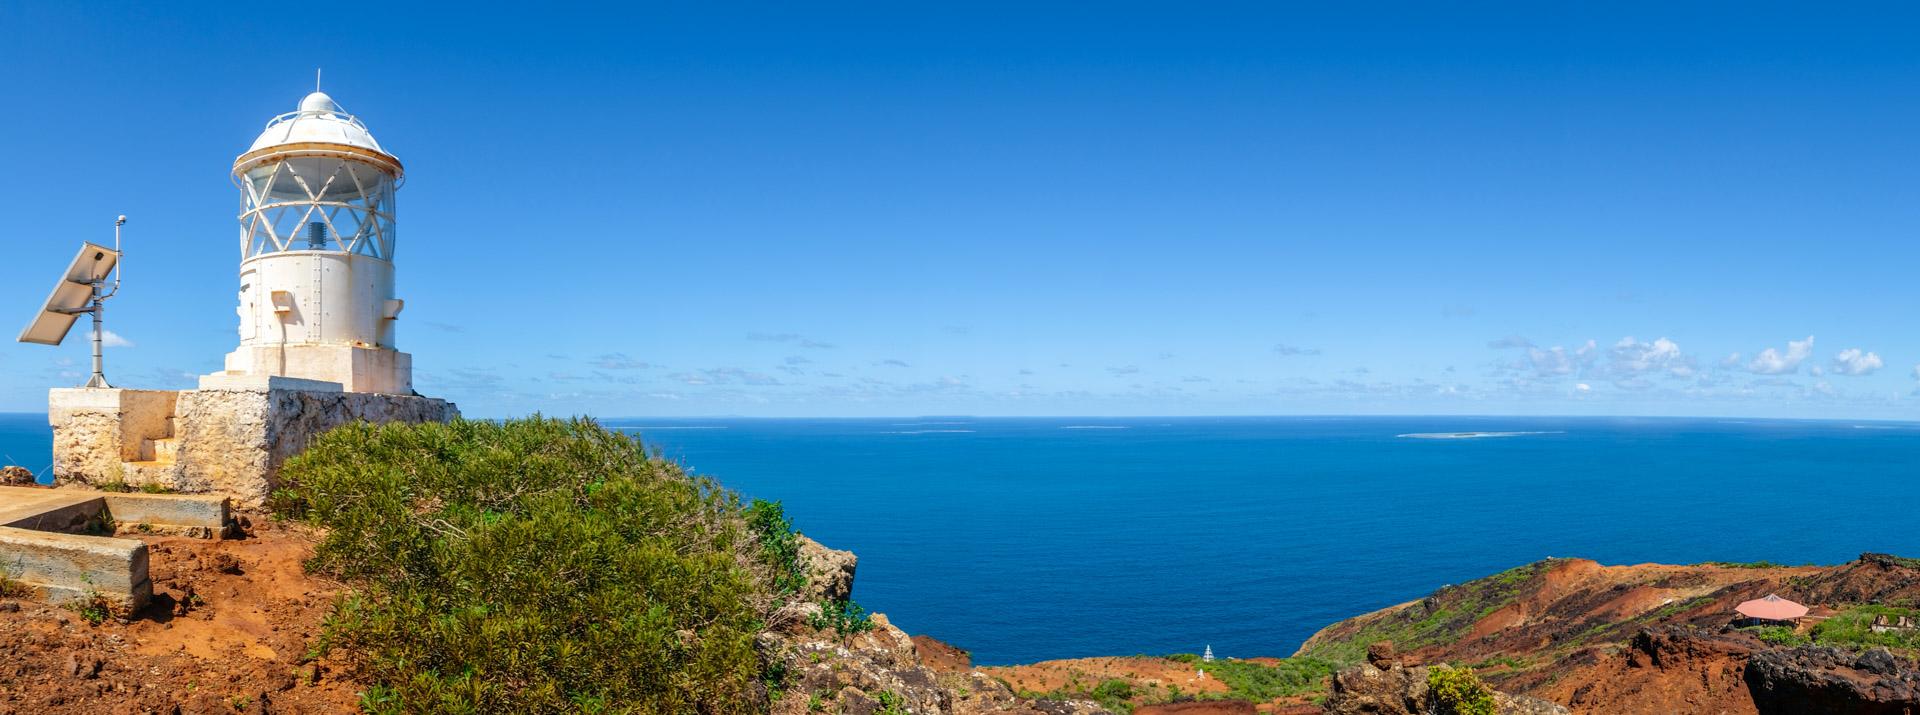 Phare Cap N'Dua Nouvelle-Calédonie